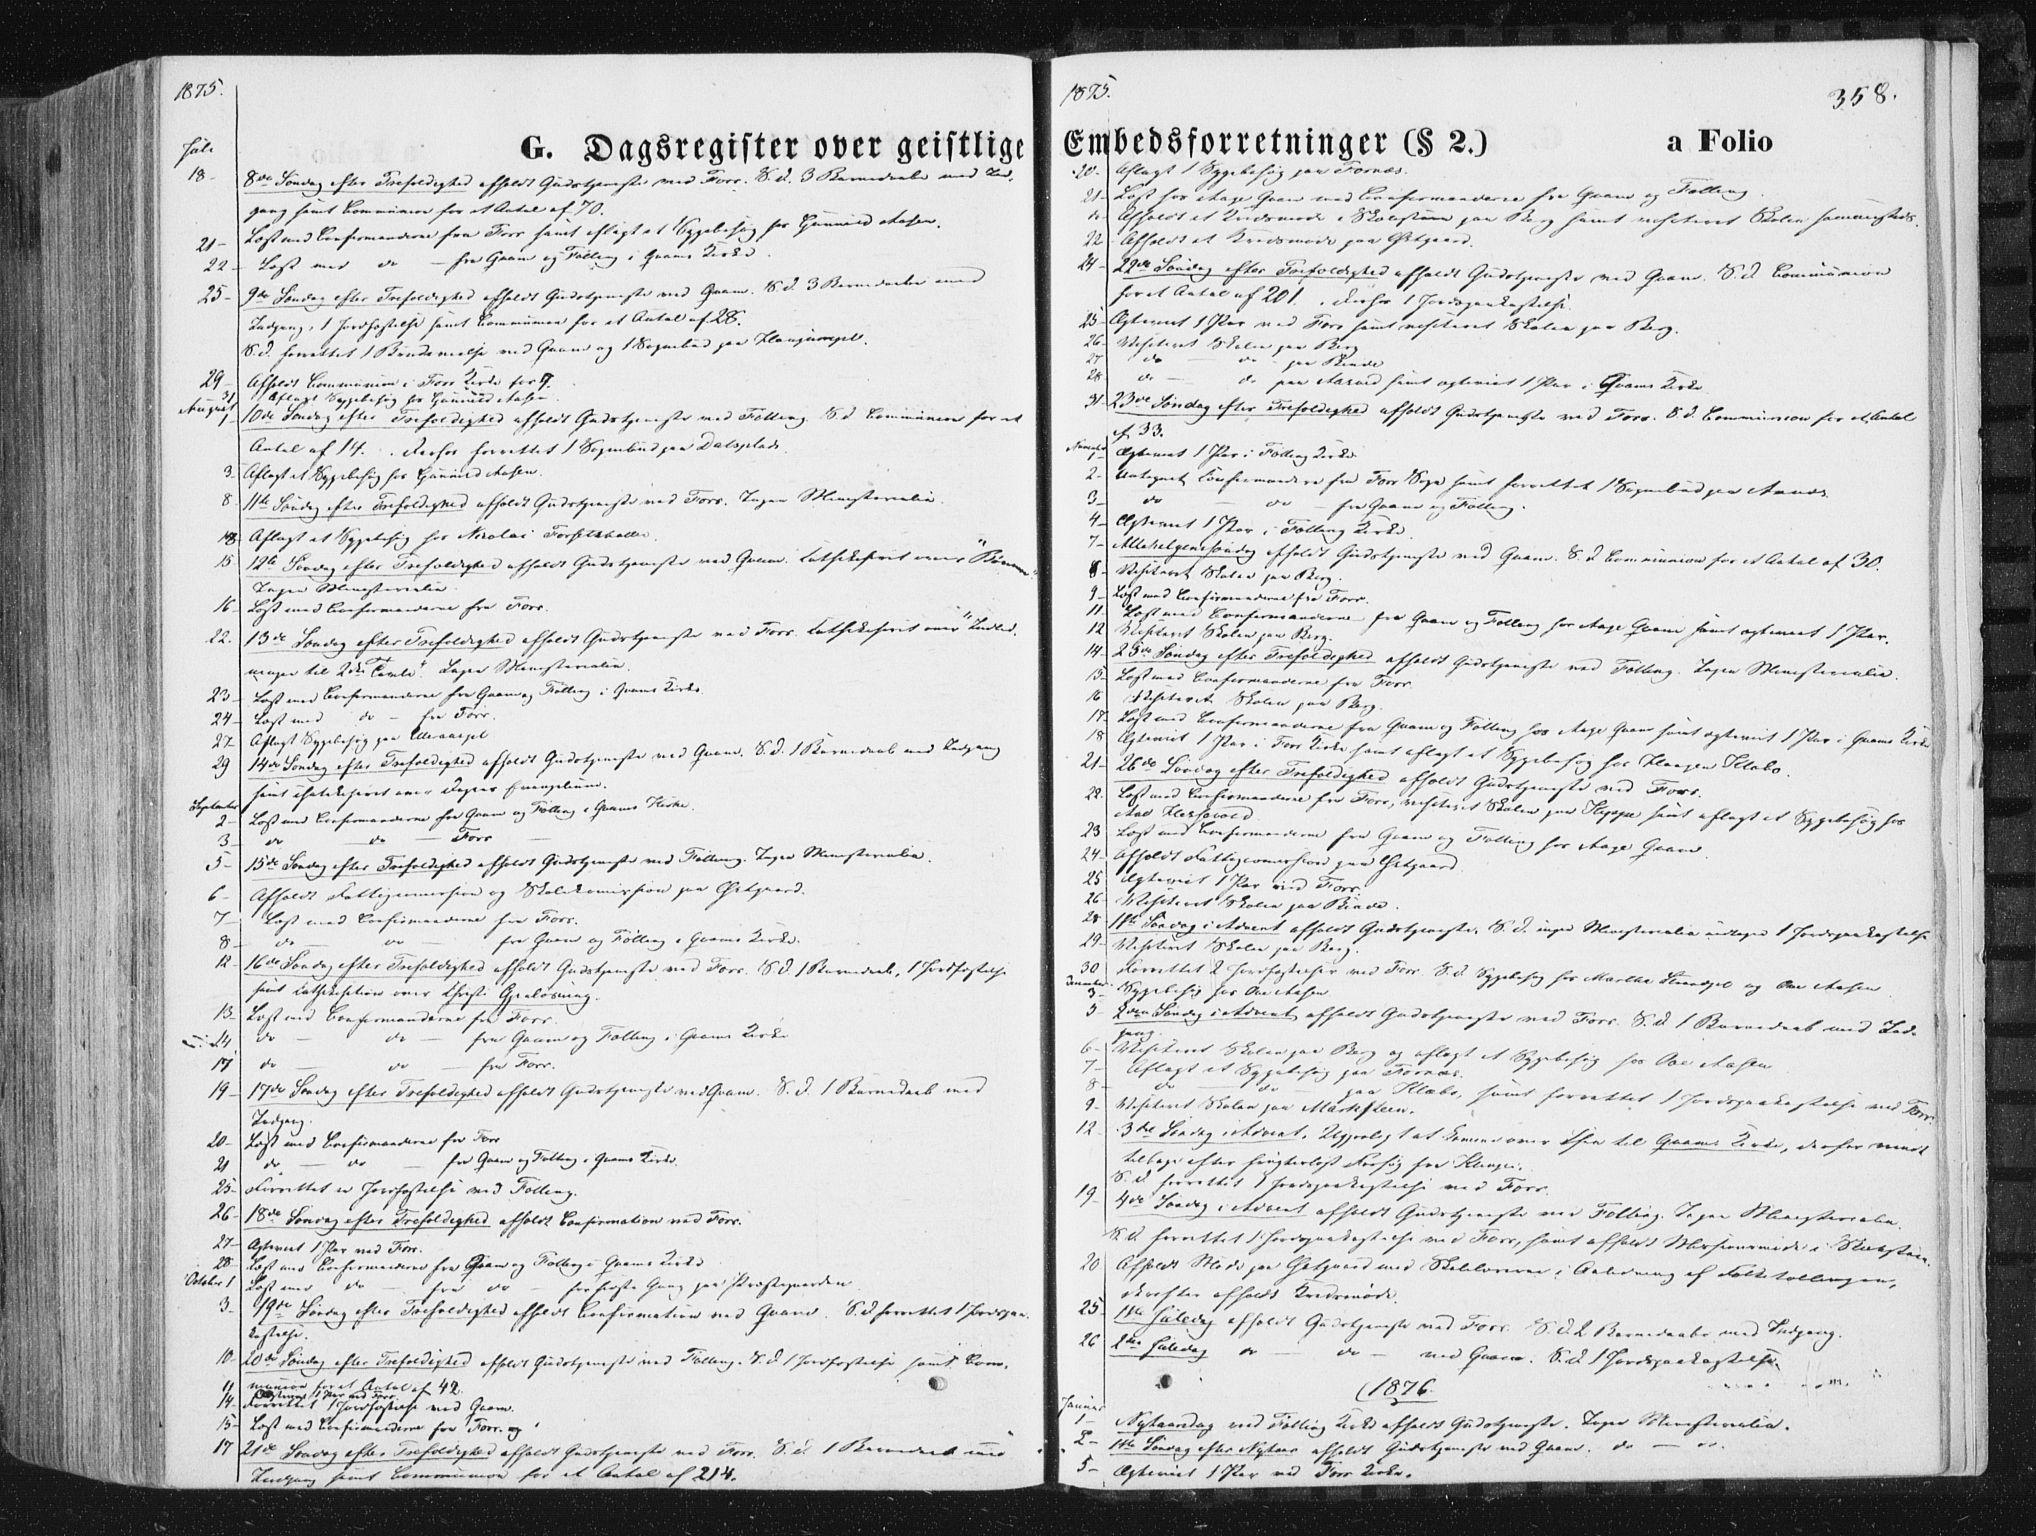 SAT, Ministerialprotokoller, klokkerbøker og fødselsregistre - Nord-Trøndelag, 746/L0447: Ministerialbok nr. 746A06, 1860-1877, s. 358